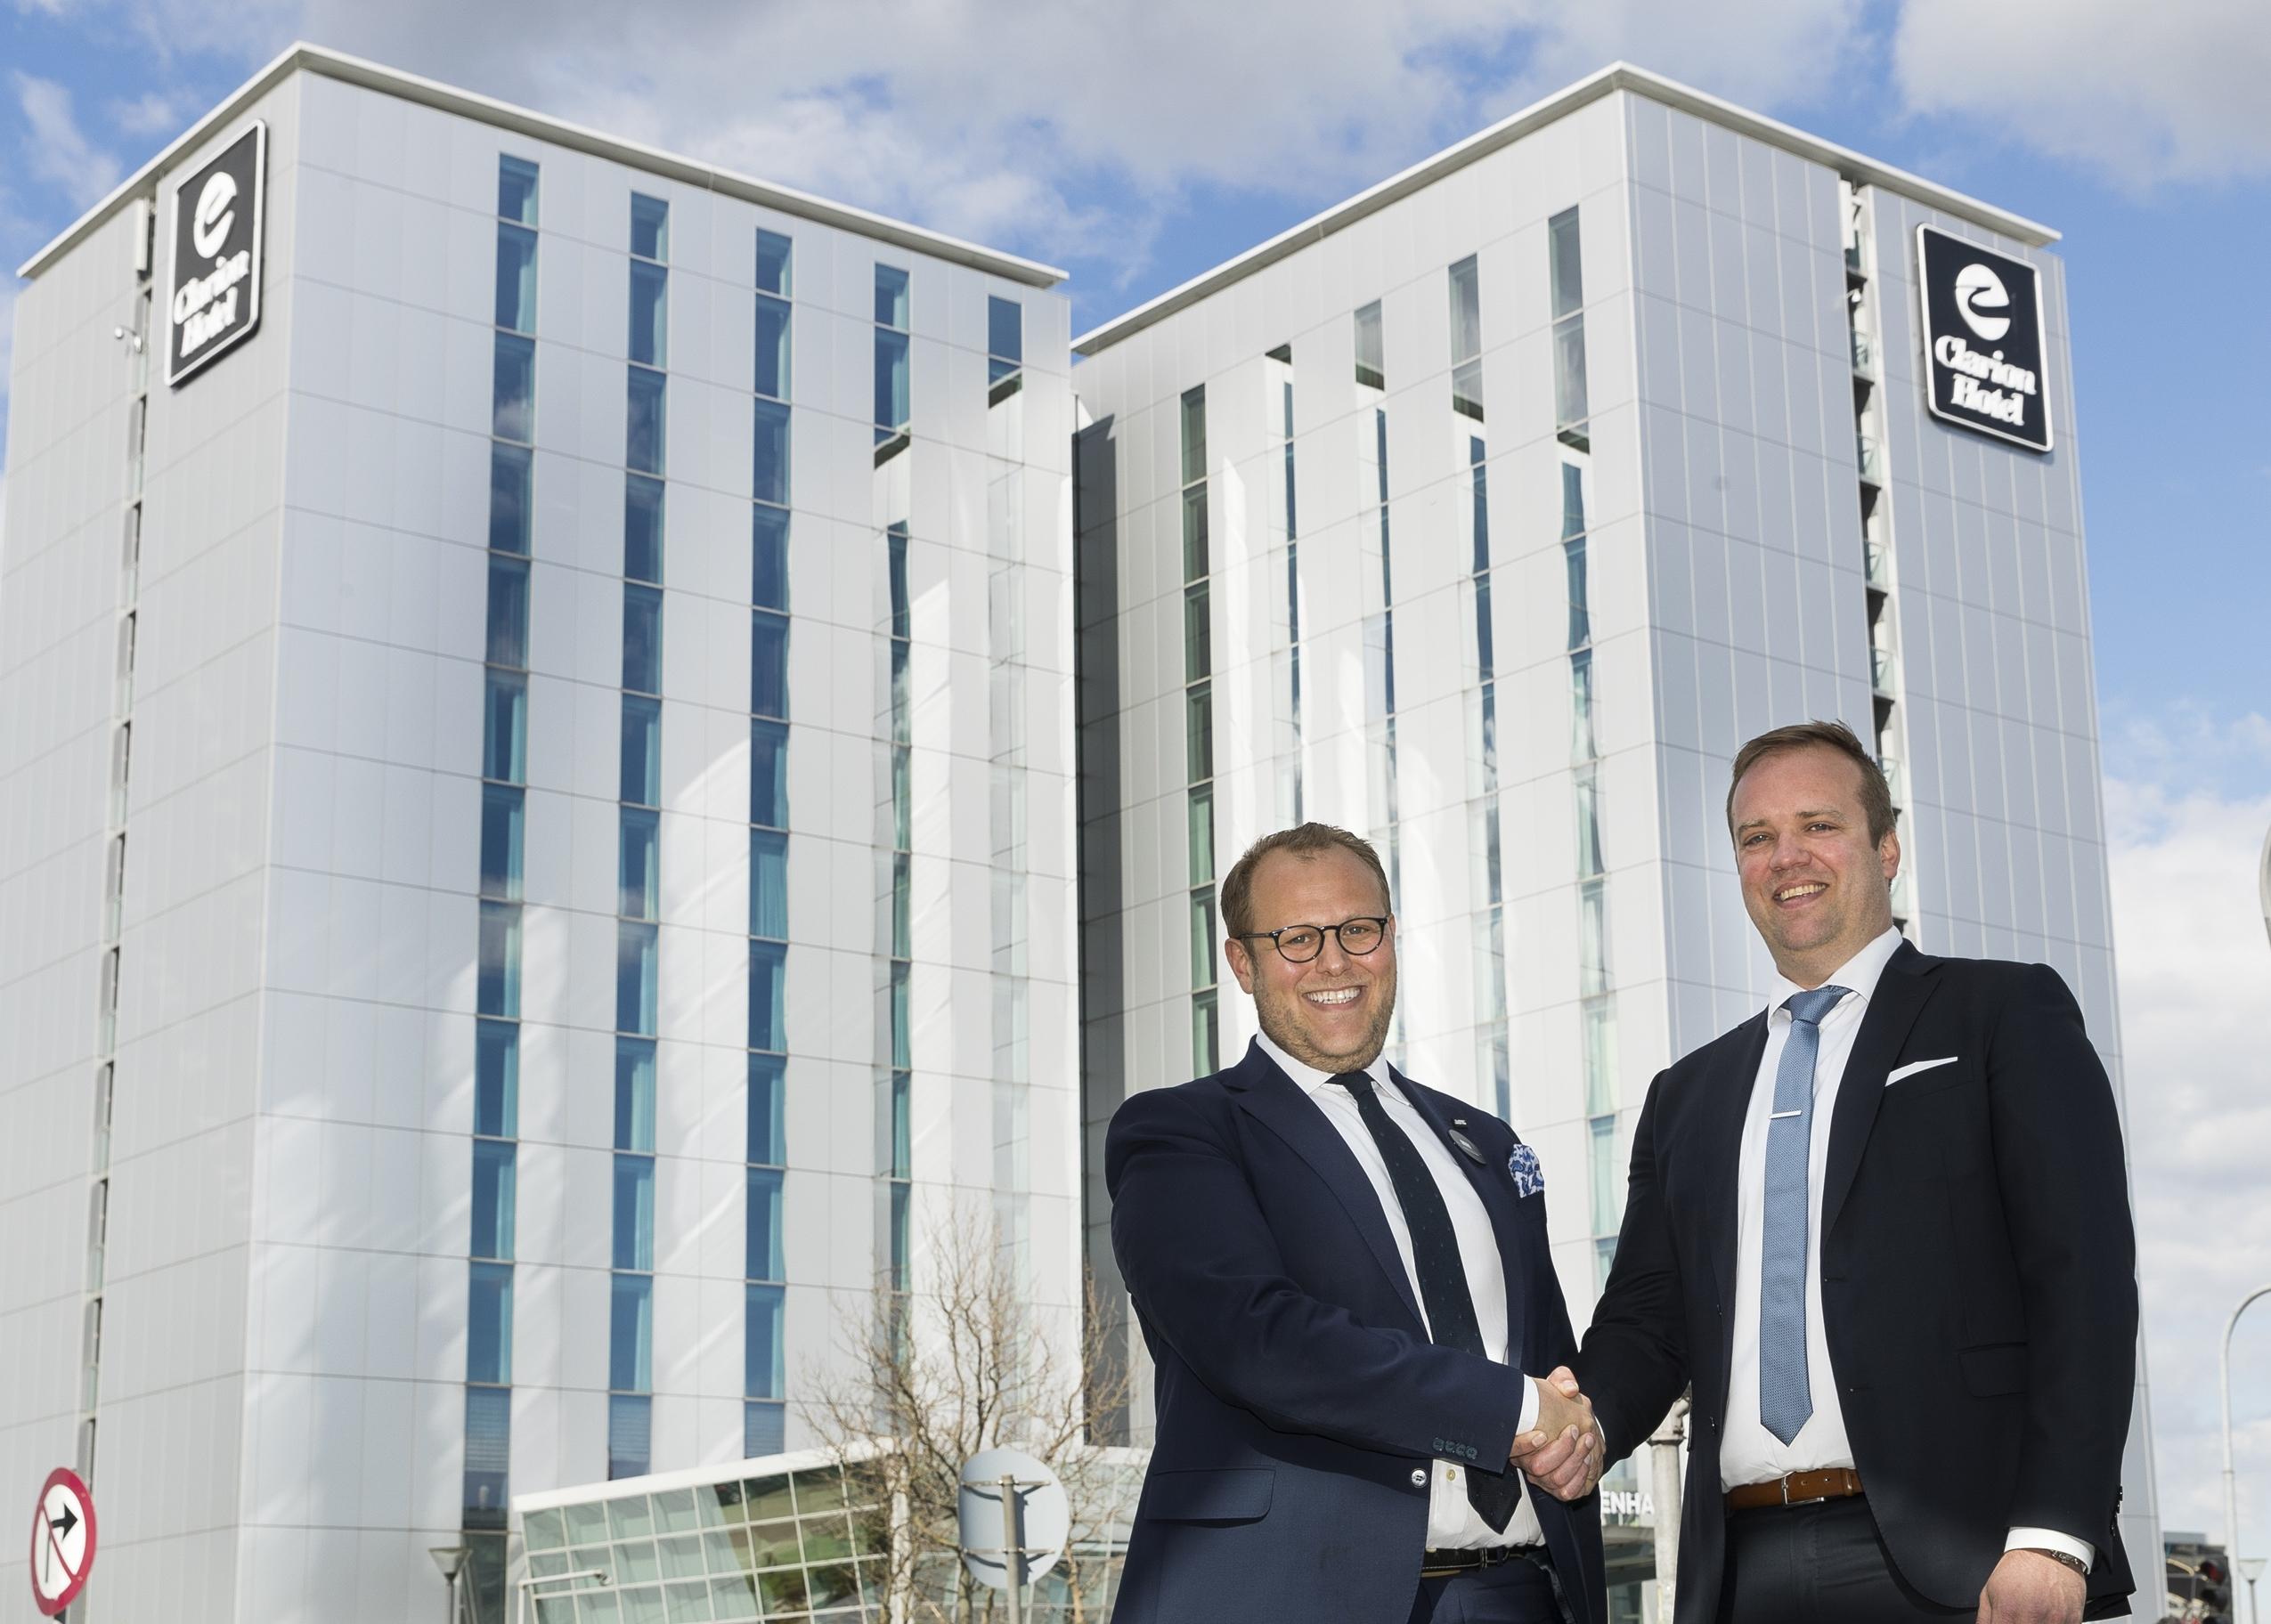 Miri Sumiq, til venstre, stopper som direktør for Clarion Hotel Copenhagen Airport, hvor Jesper Olesen bliver den nye general manager. Foto: Choice Hotels.